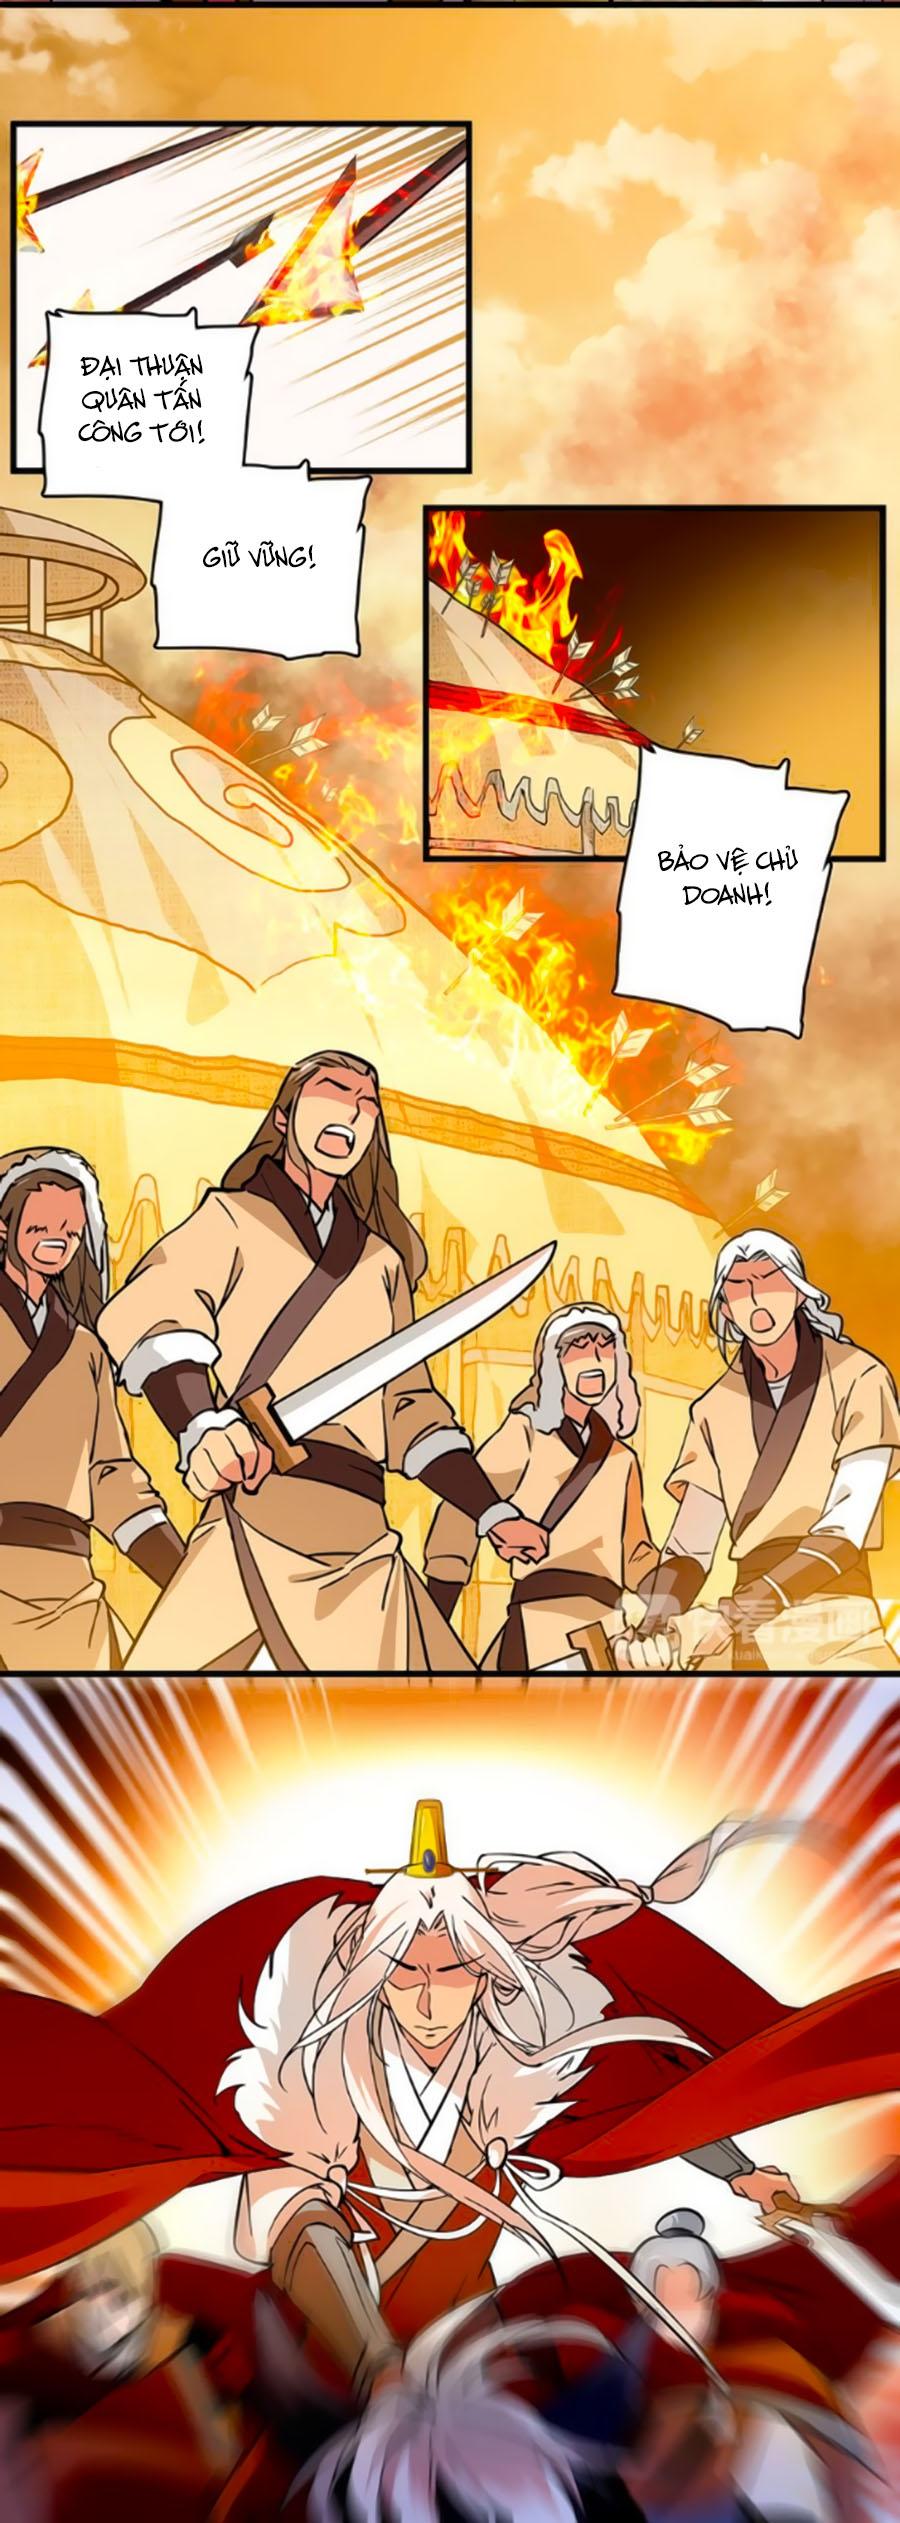 Hoàng Thượng! Hãy Sủng Ái Ta Đi! Chap 39